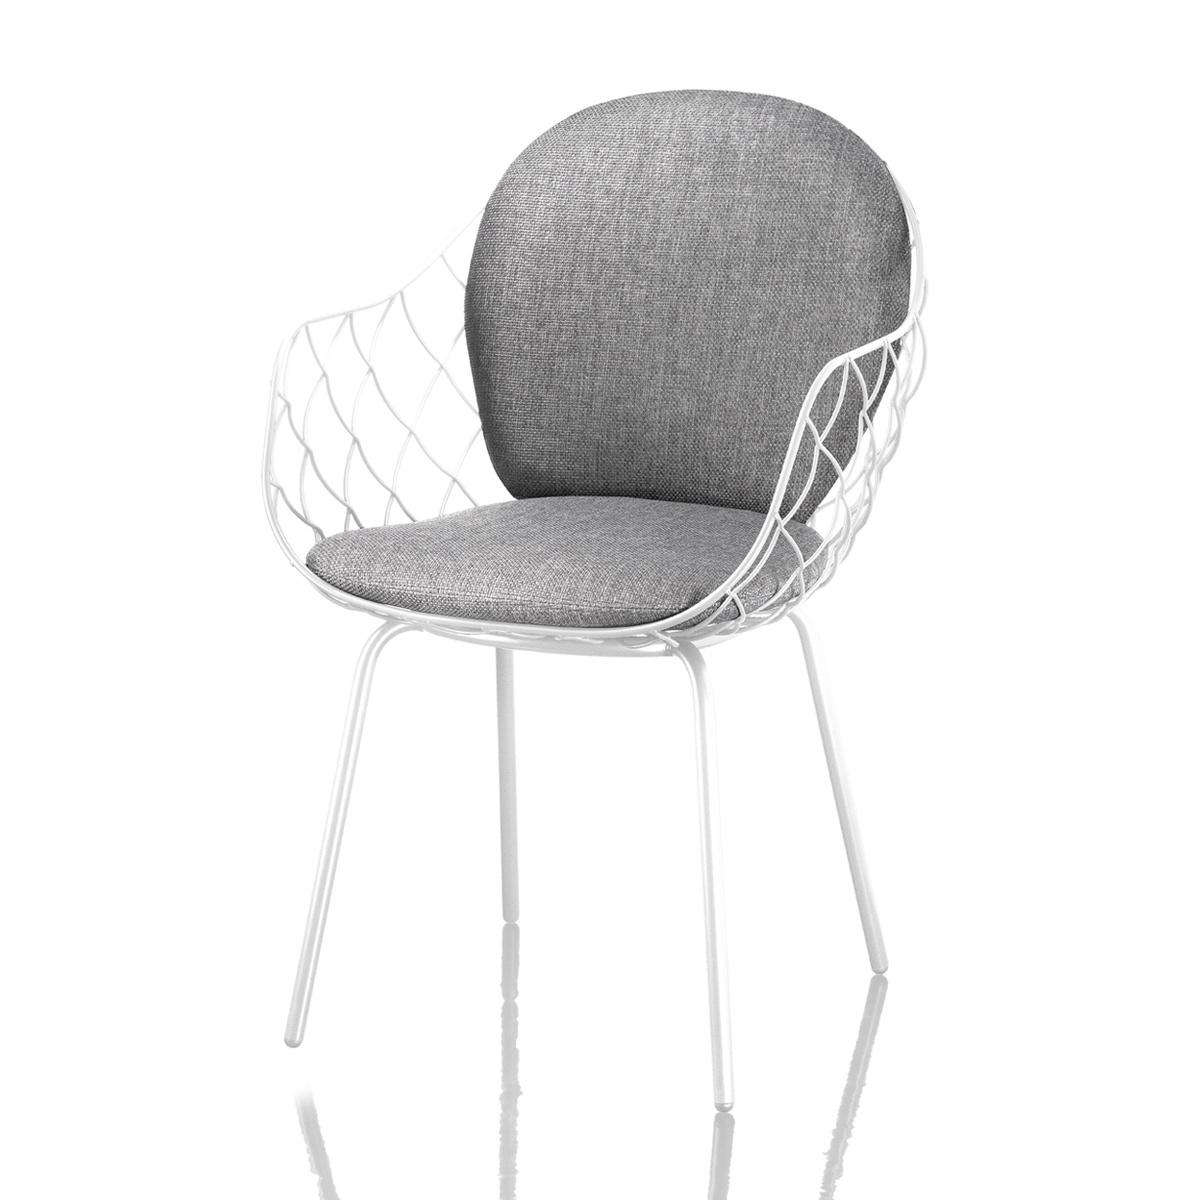 Sedia per esterni pi a con cuscini in tessuto by magis - Cuscini per sedia ...